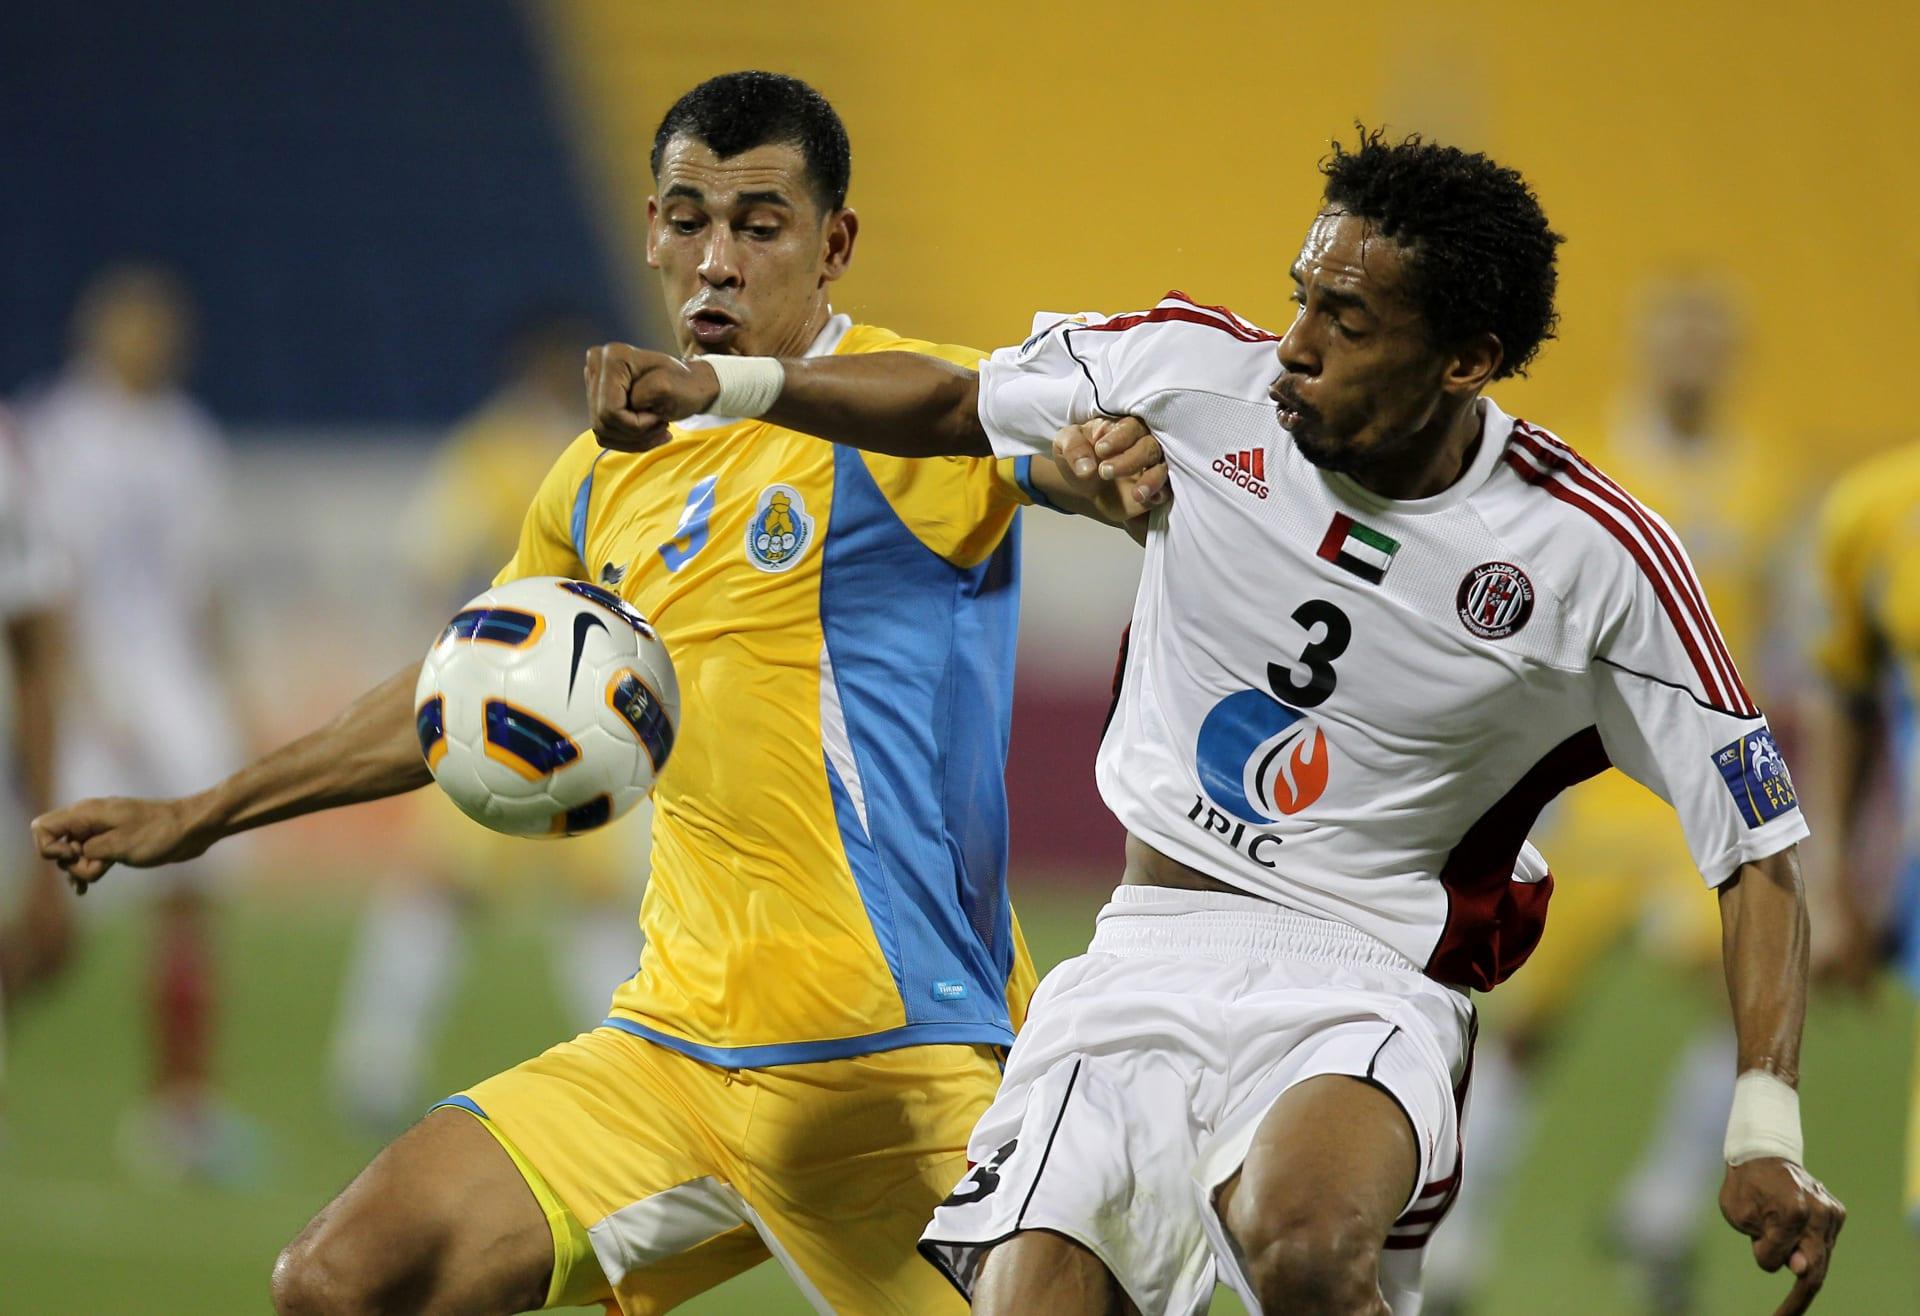 أبرز الأرقام قبل أول مواجهة بين الأندية الإماراتية والقطرية منذ قطع العلاقات